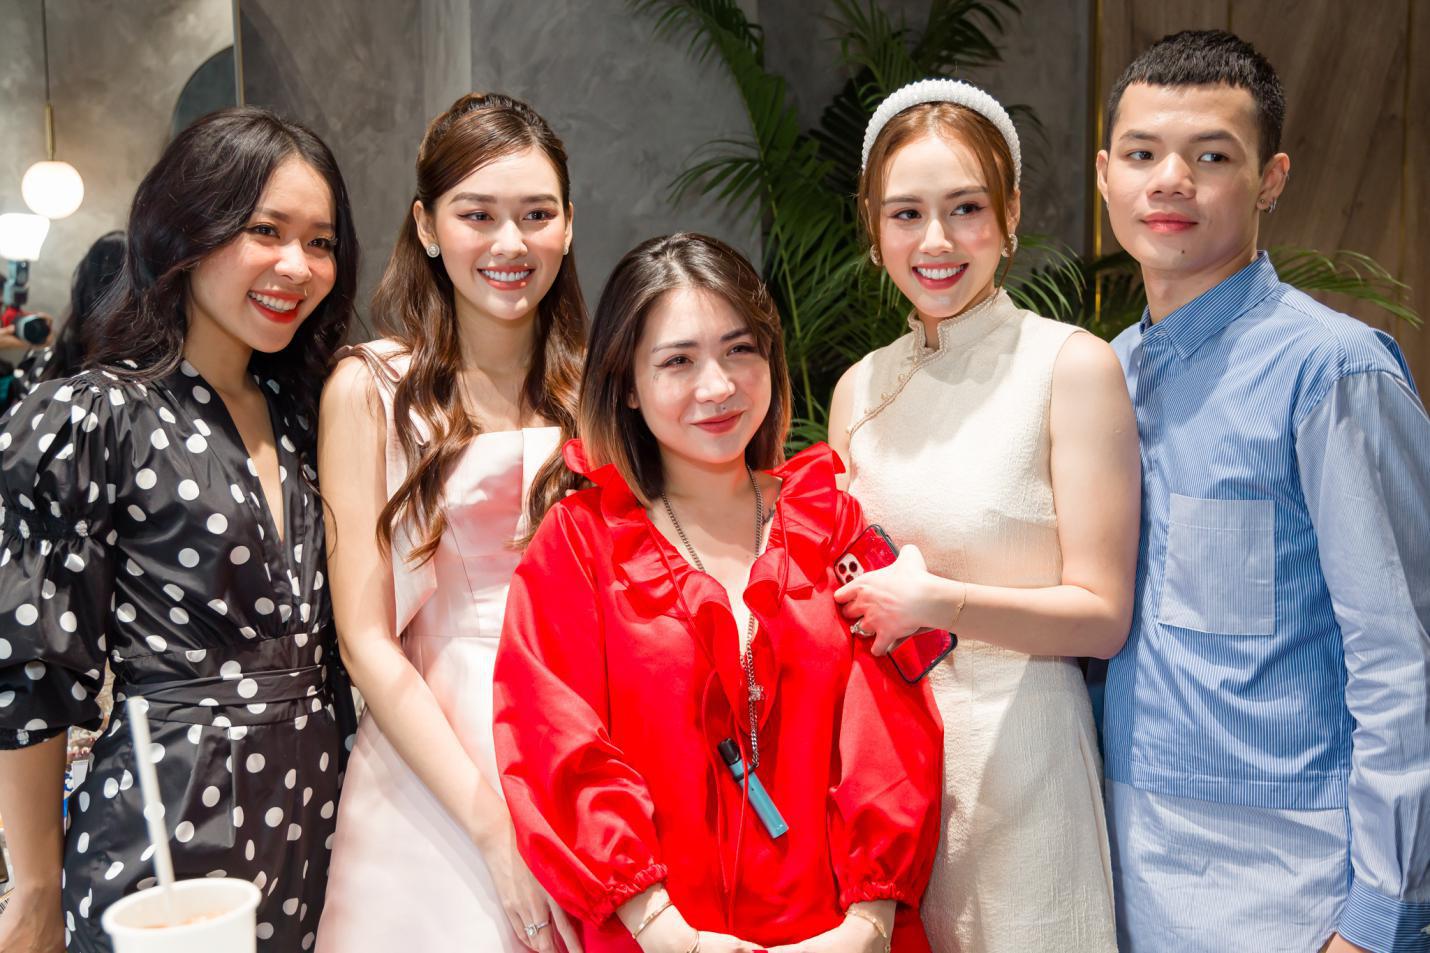 Dàn khách mời nổi tiếng rạng rỡ trong ngày khai trương Shine Studio Sài Gòn - Ảnh 3.